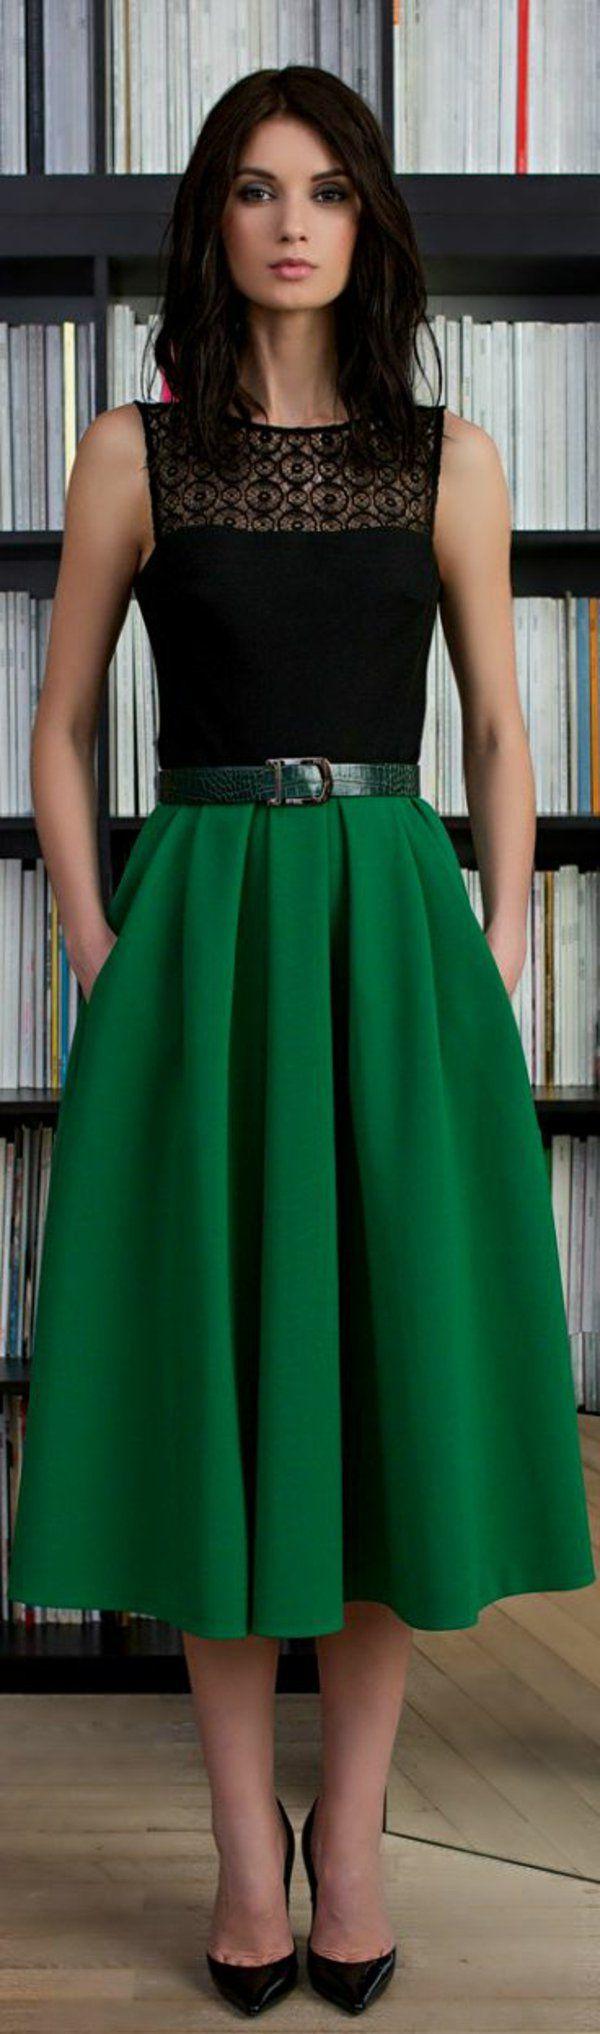 30f64c60f7d4 Comment porter une jupe longue